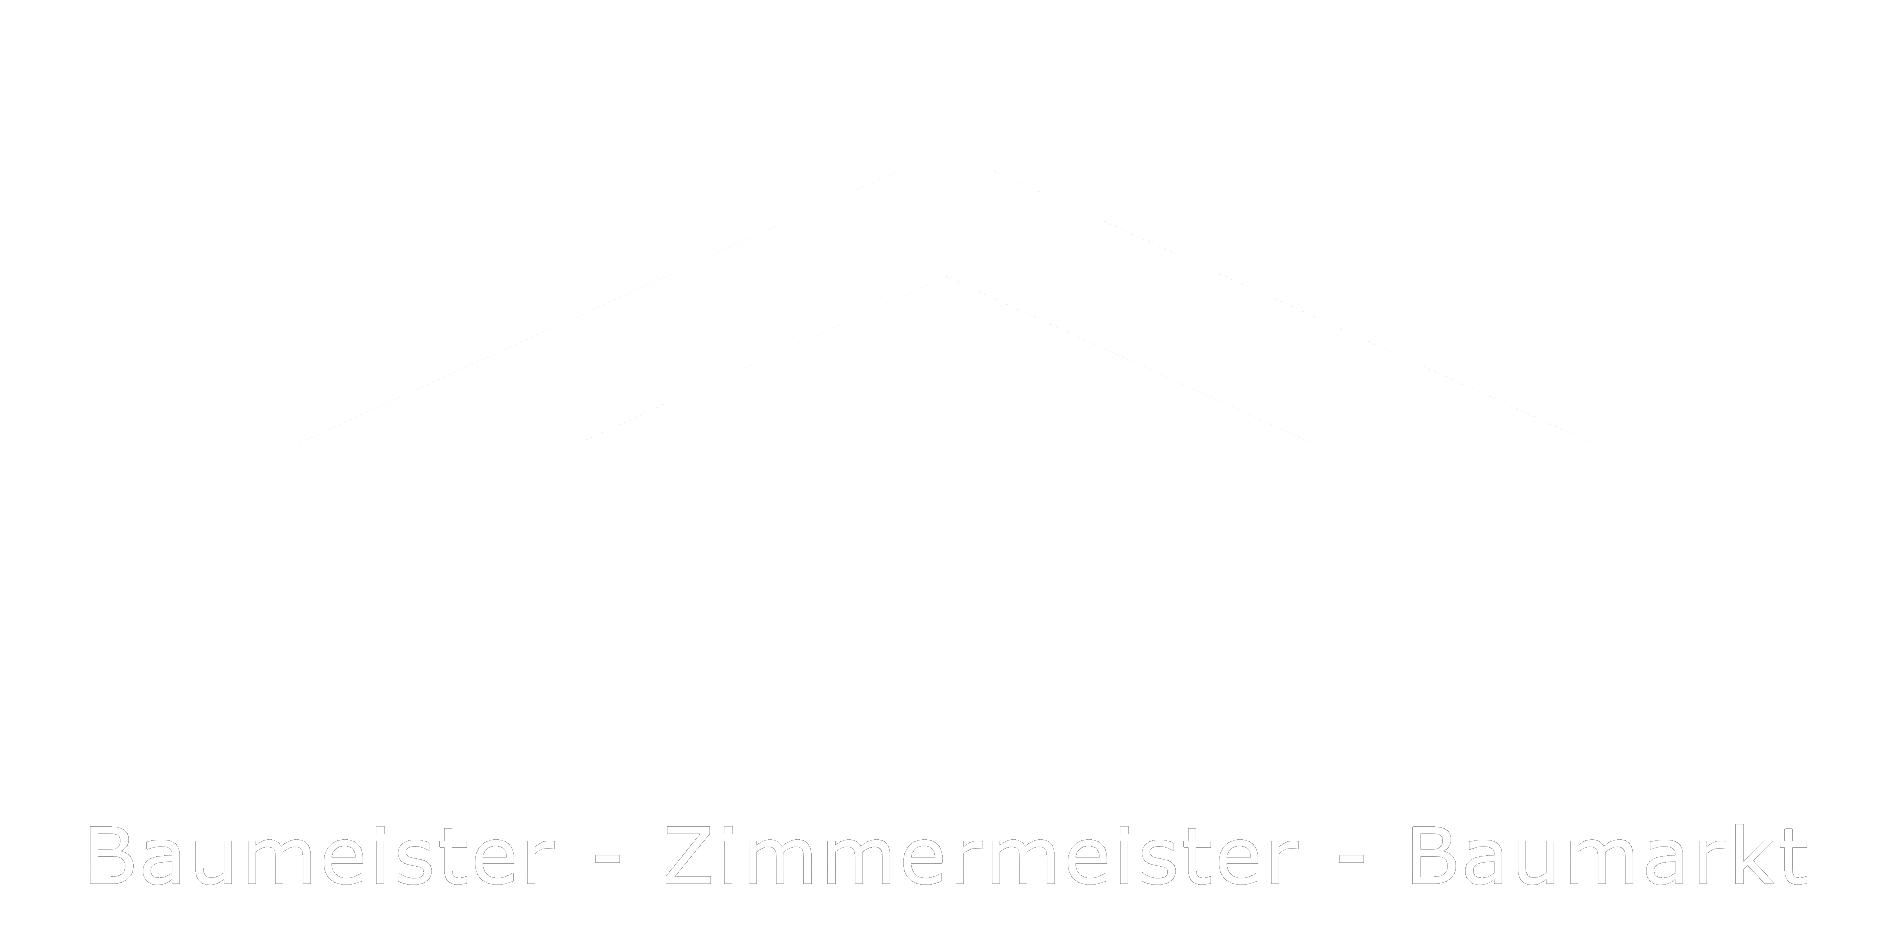 Humer-FixPreisHaus - Baumeister Humer GmbH aus Peuerbach   Ihr hochwertiges Ziegel-Massivhaus in Niedrigenergiebauweise vom Baumeister Humer GmbH. Ihr Belagsfertiges oder Schlüsselfertiges Ziegel-Massivhaus vom Profi.